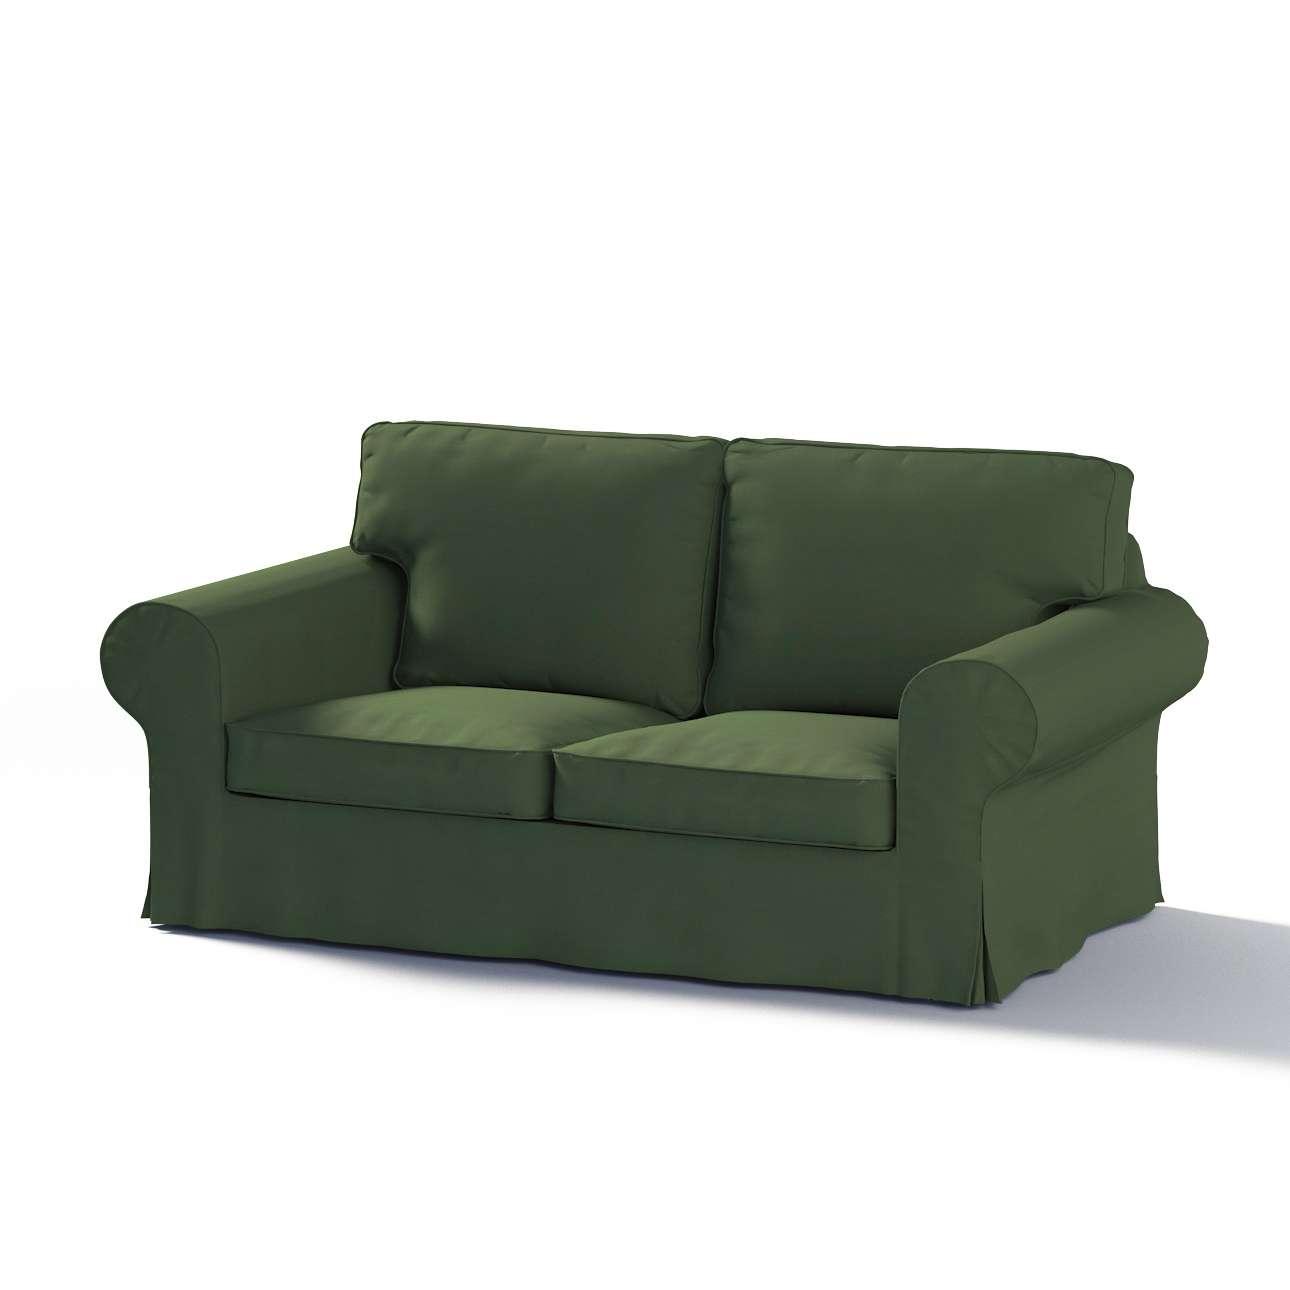 Pokrowiec na sofę Ektorp 2-osobową, nierozkładaną Sofa Ektorp 2-osobowa w kolekcji Cotton Panama, tkanina: 702-06